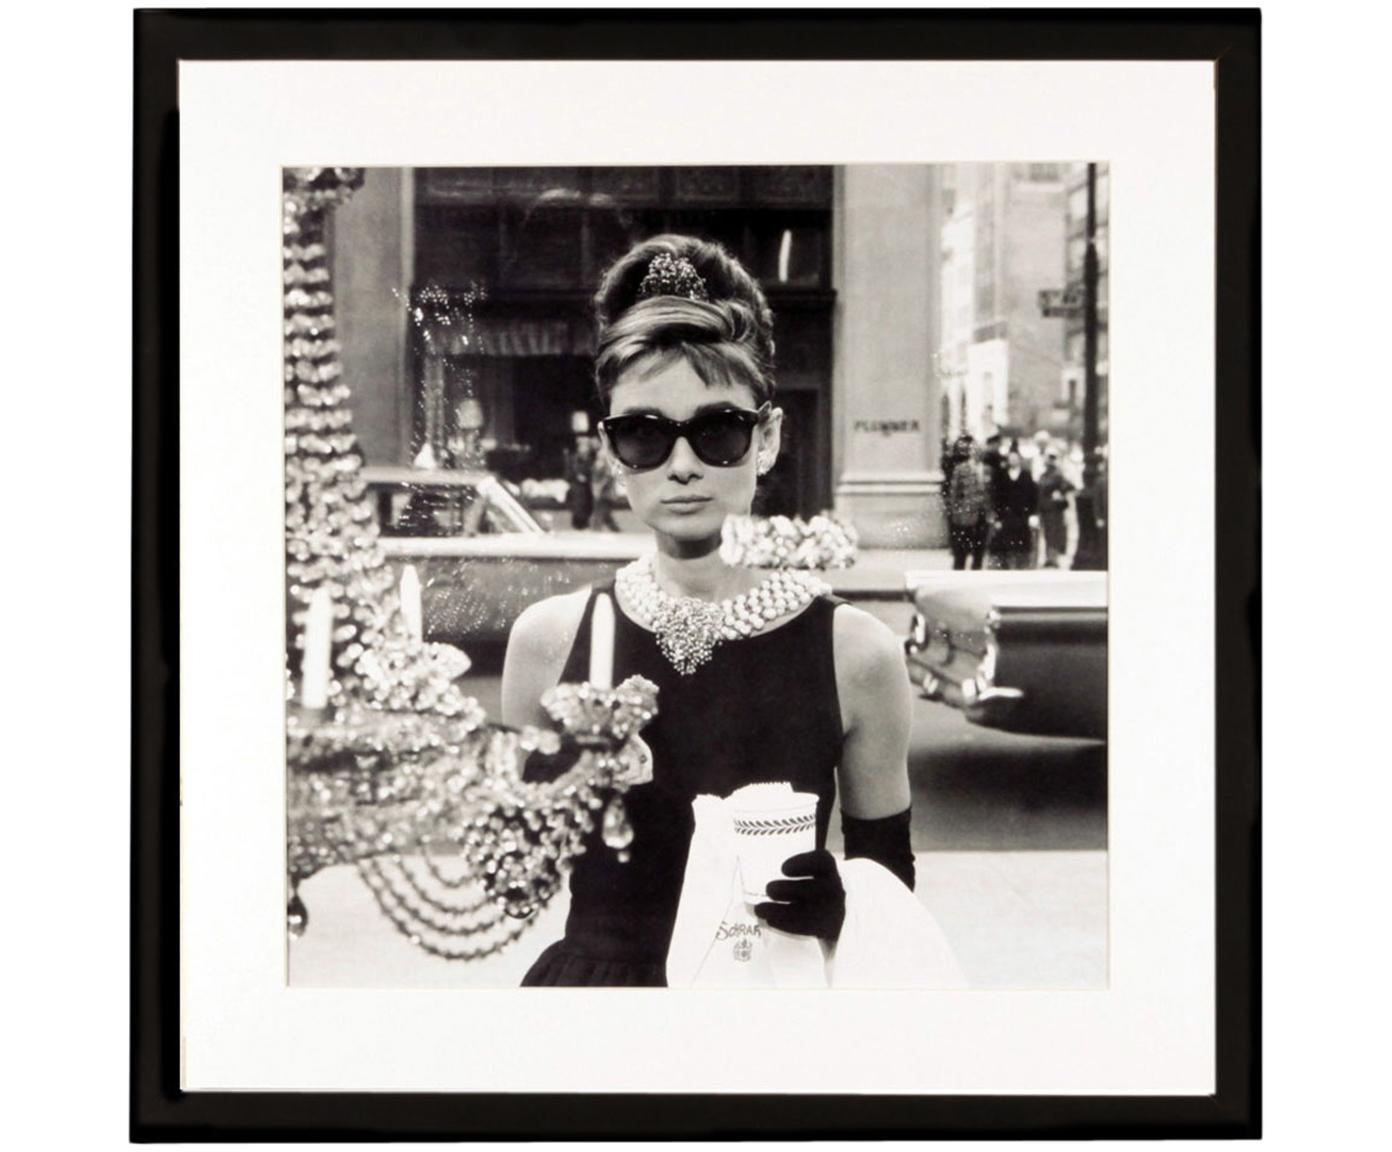 Ingelijste digitale print Hepburn, Afbeelding: Matho Litho papier, Lijst: kunststoffen frame met gl, Zwart, wit, 40 x 40 cm